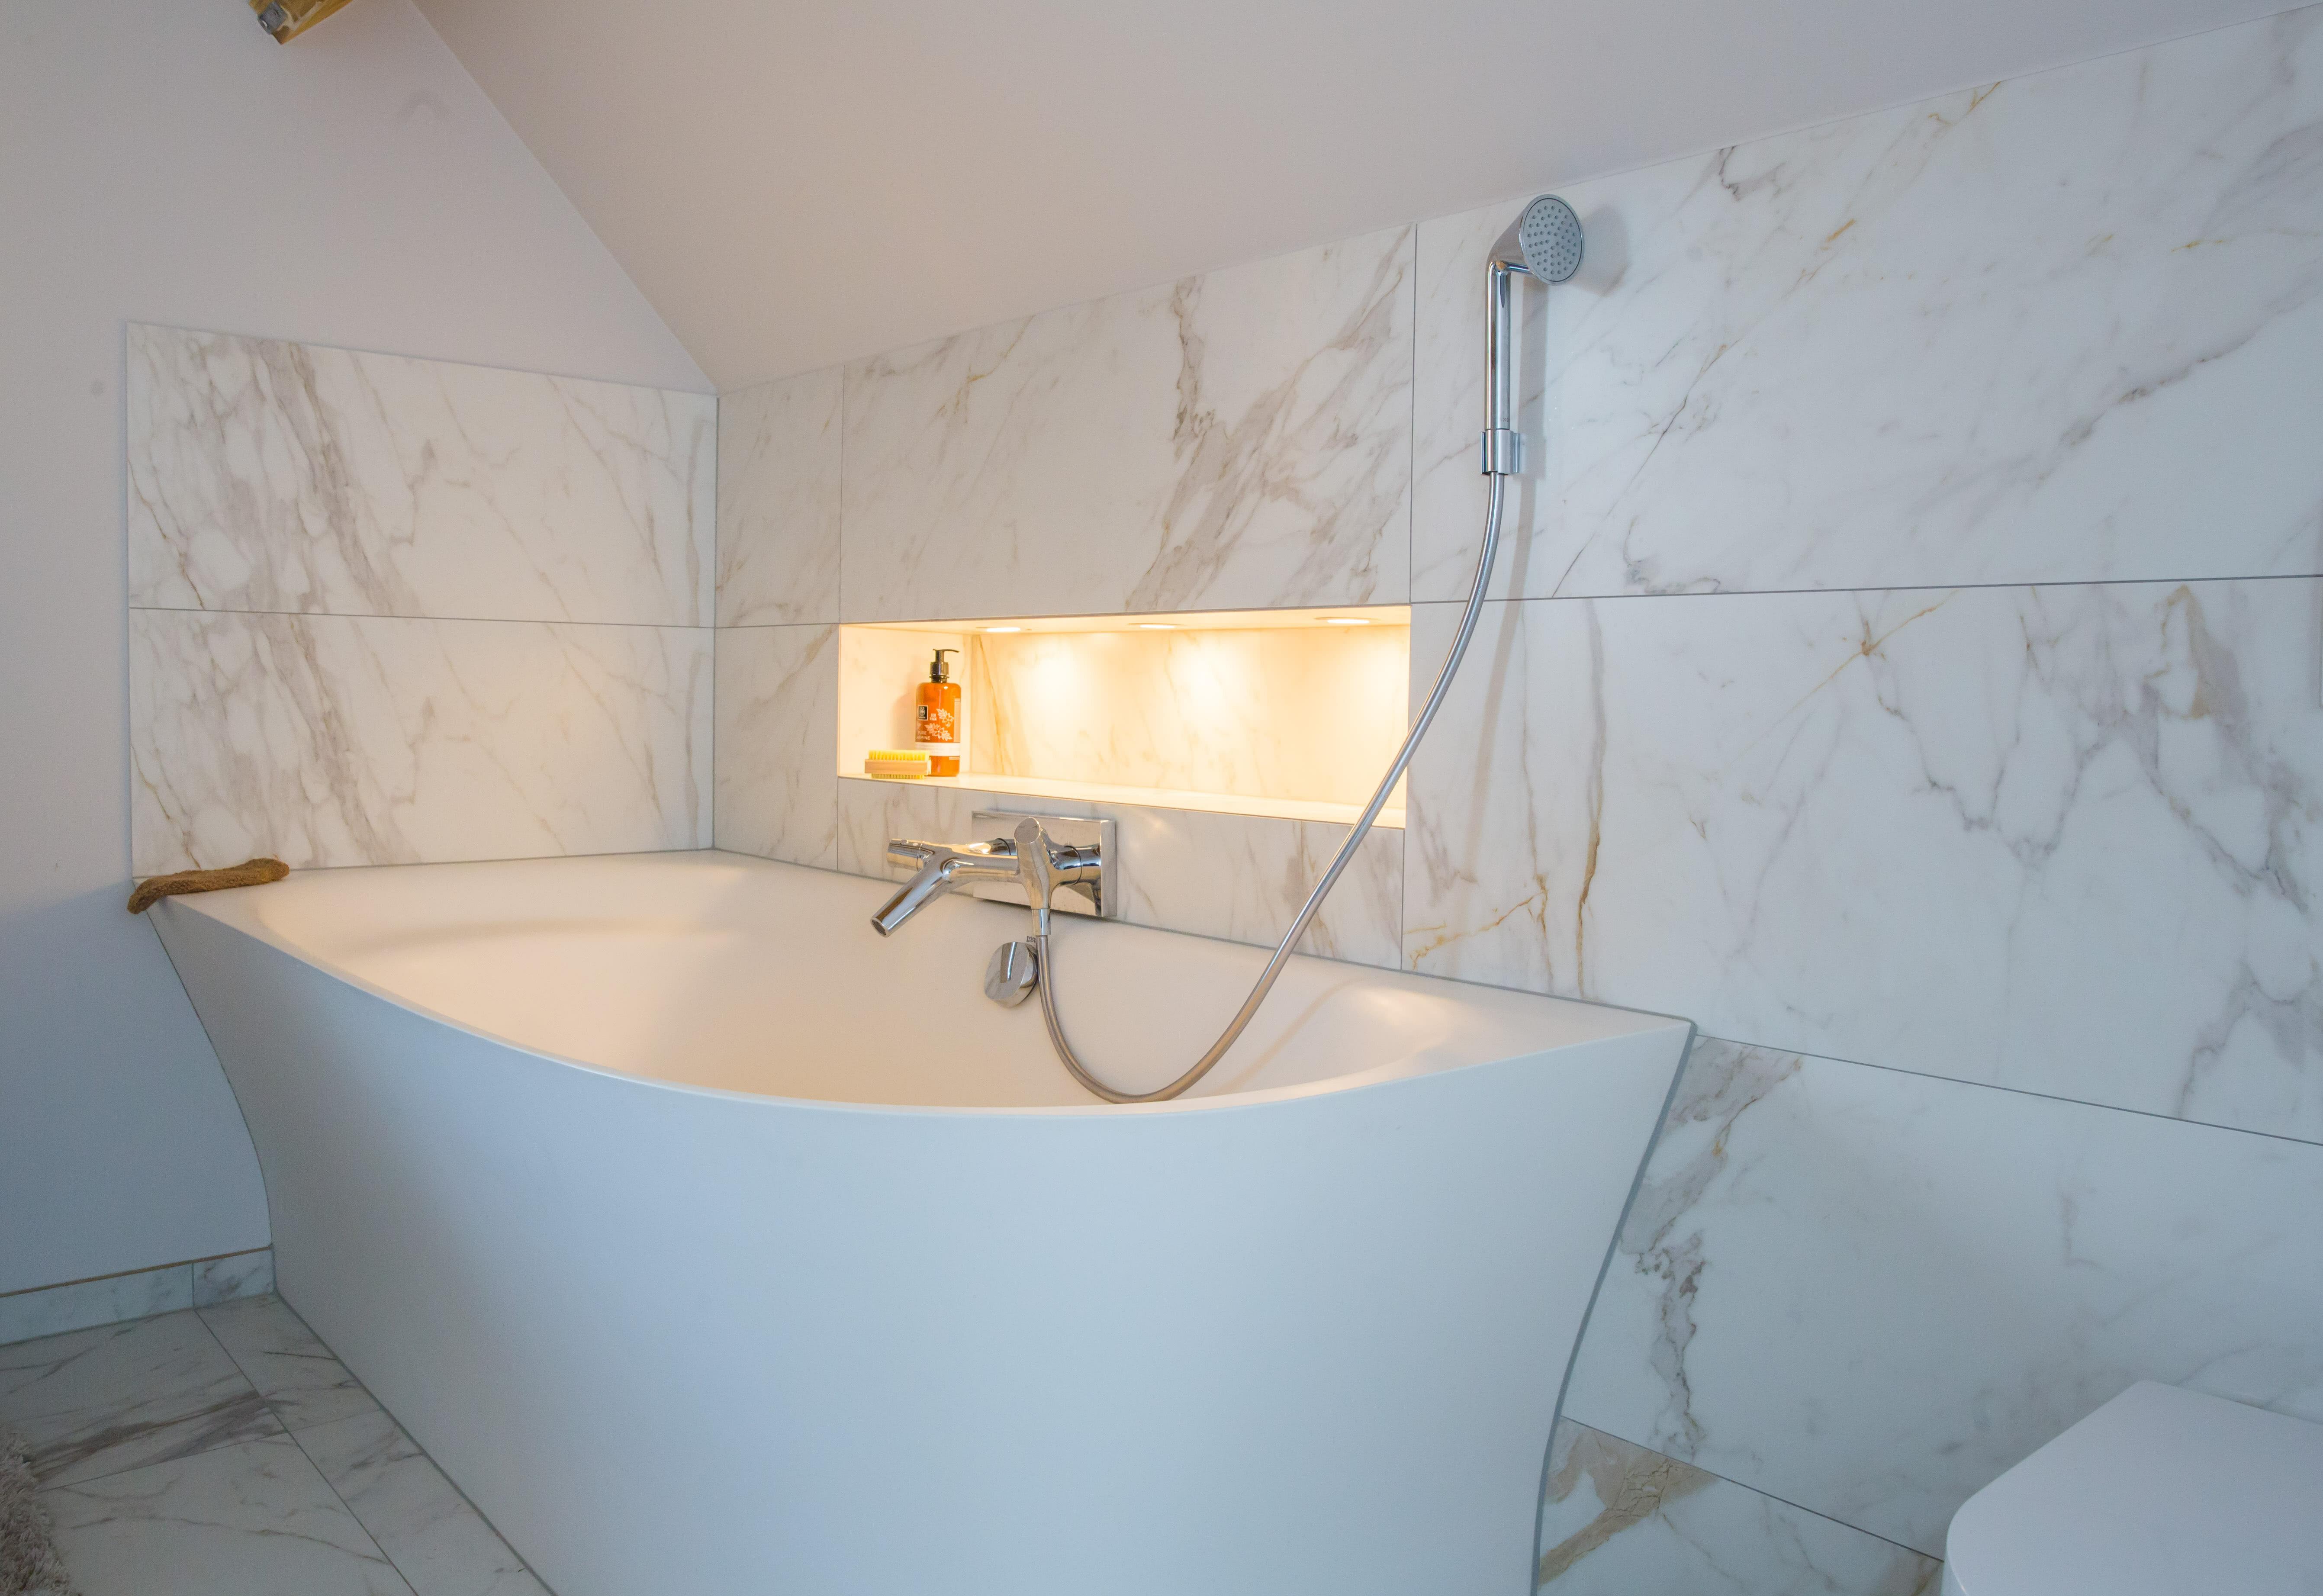 Badkamer Renovatie In Marmer Tegels Delaere